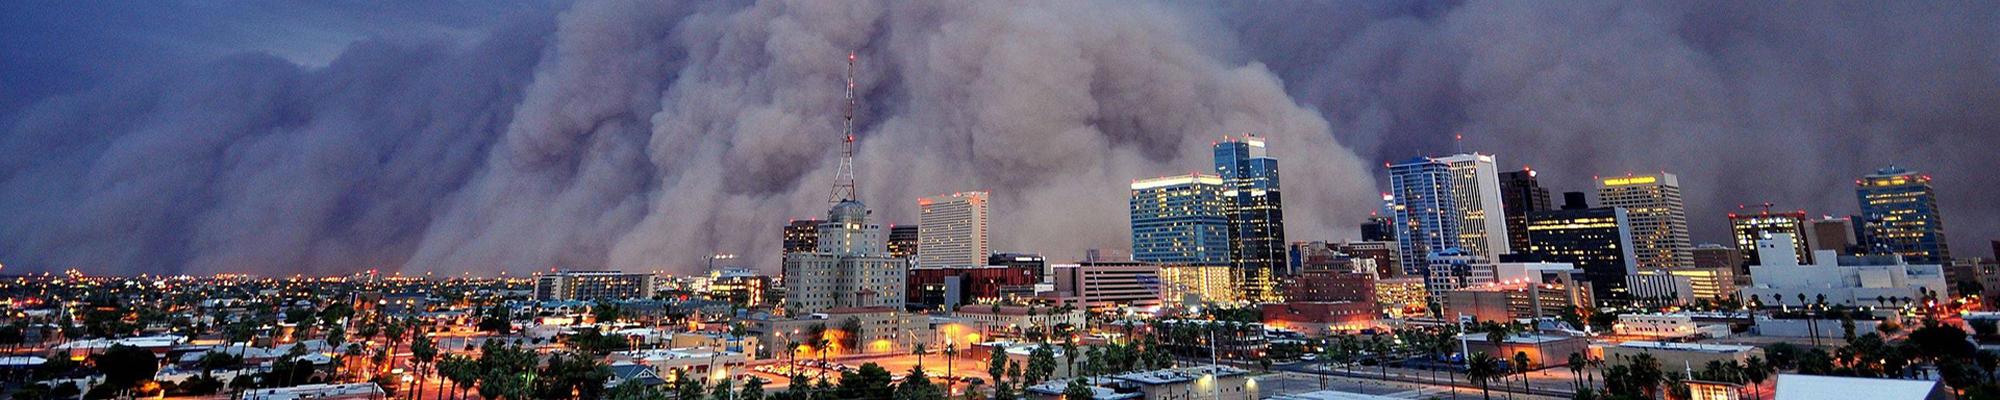 Phoenix_dust_storm2012_banner